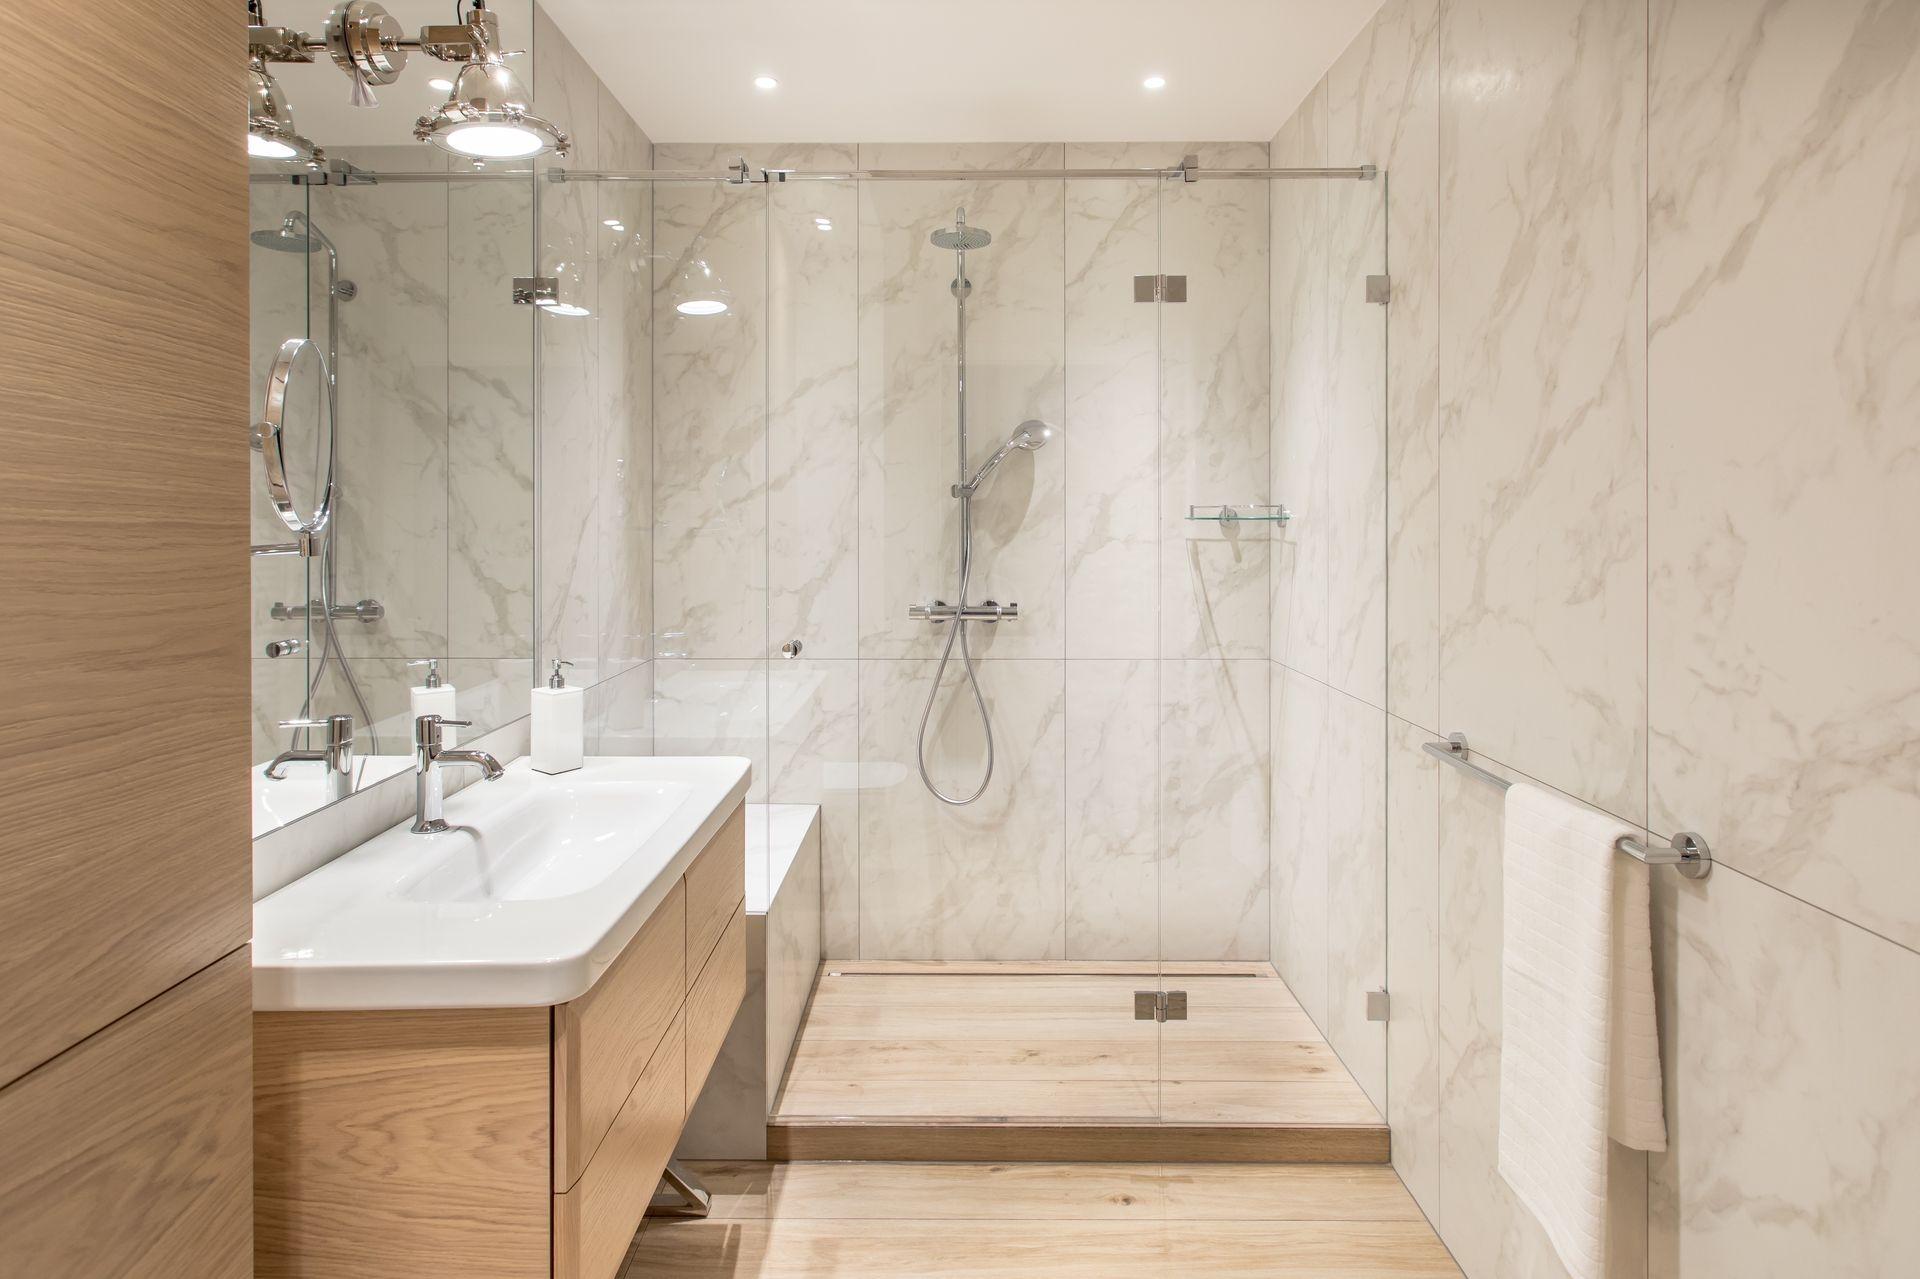 łazienka Plus Odpływ Liniowy Blog O Wyposażeniu Wnętrz